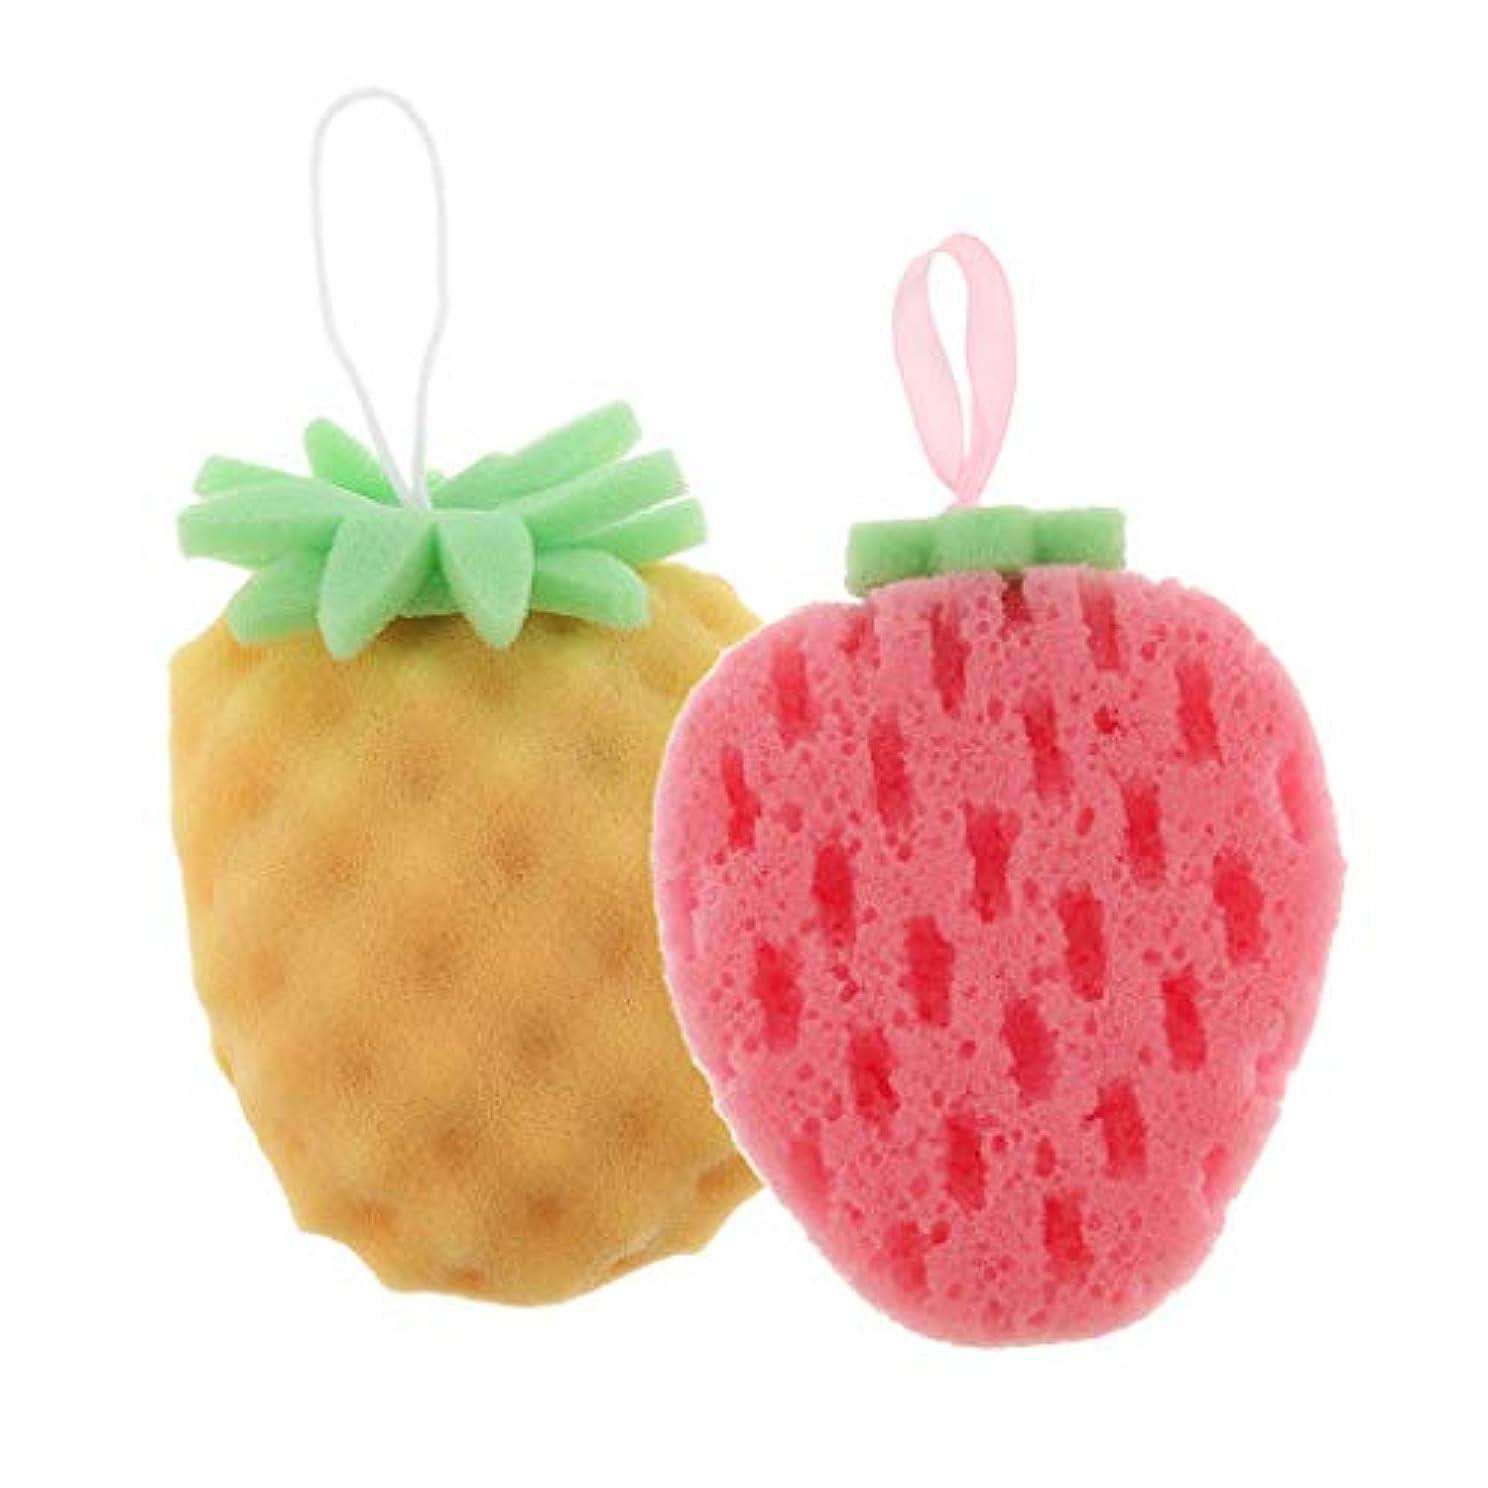 食べる軍かけがえのないBaoblaze 2個 バススポンジ ボディスポンジ 可愛い フルーツ 果物の形 子供 お風呂